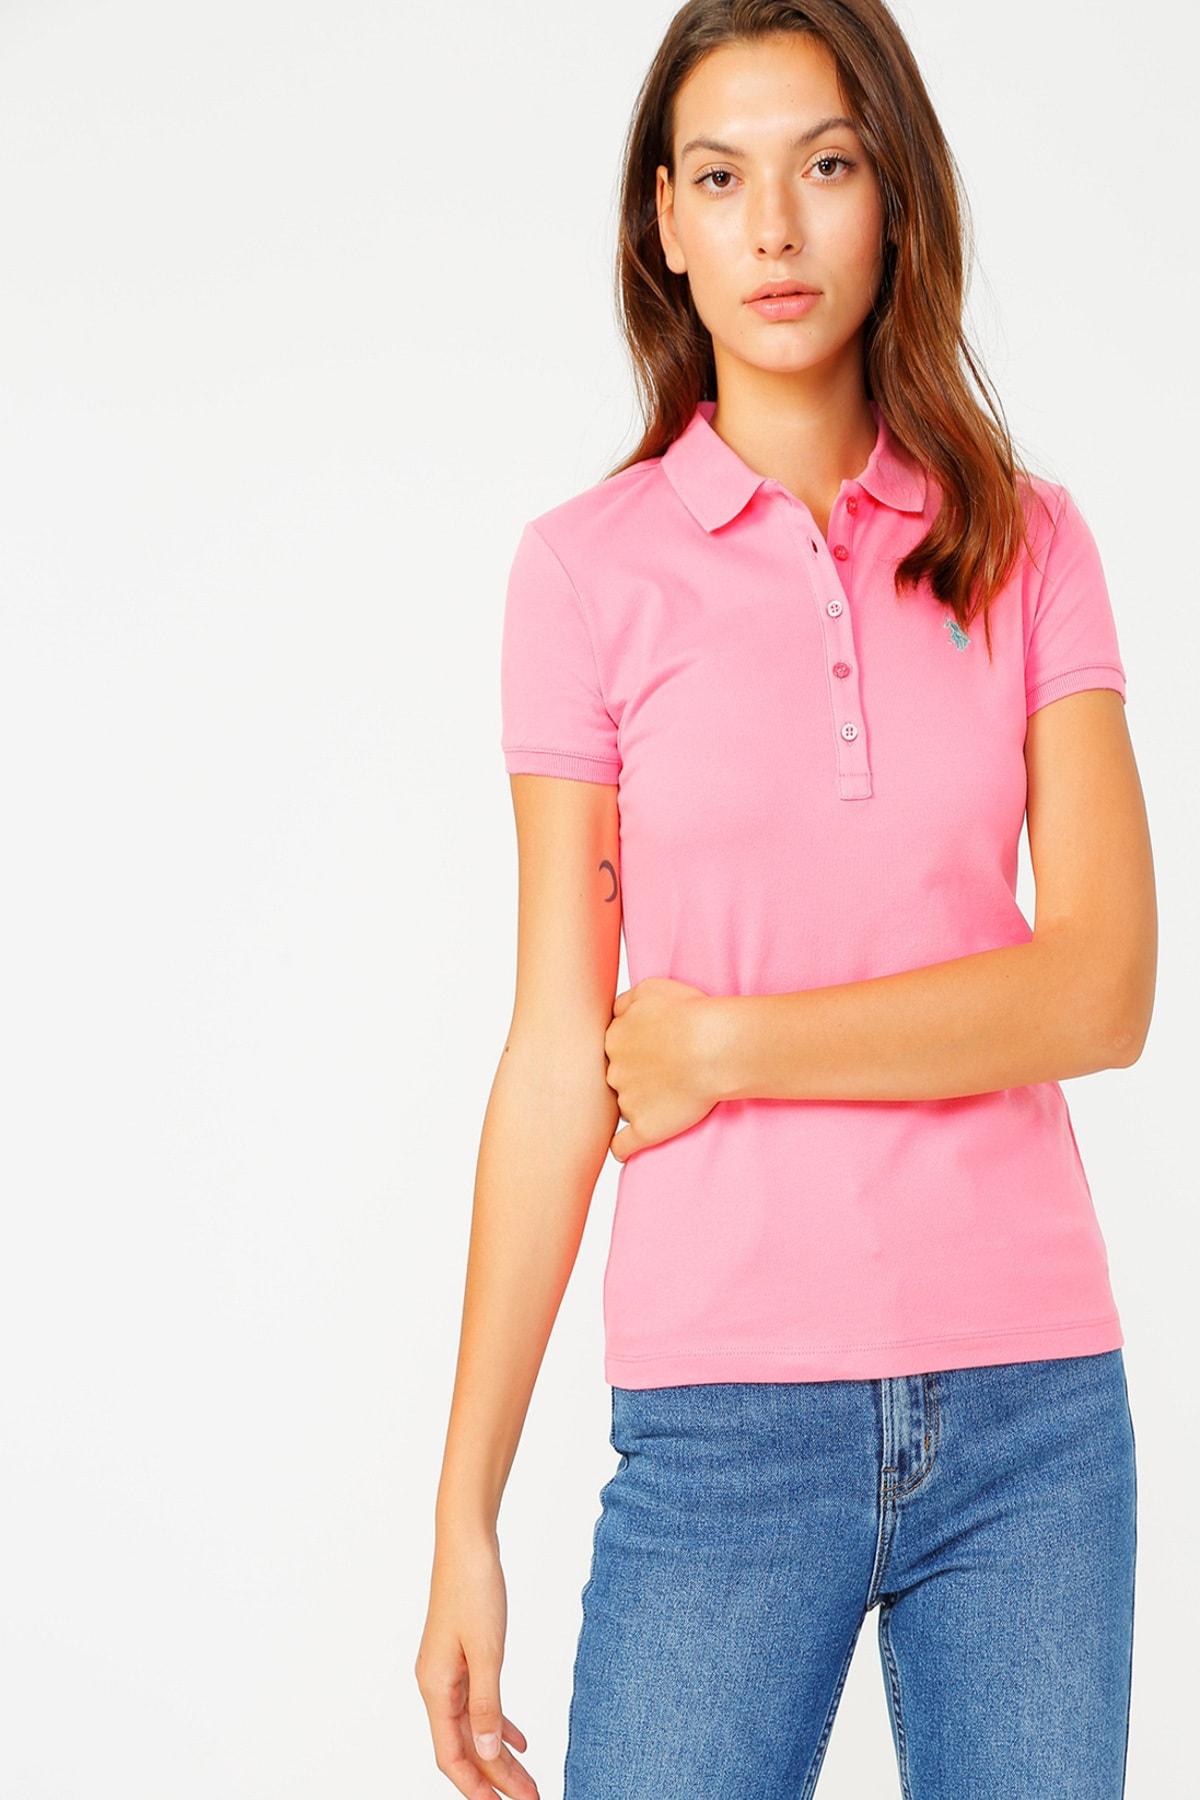 U.S. Polo Assn. Kadın T-Shirt G082GL011.000.937511 1